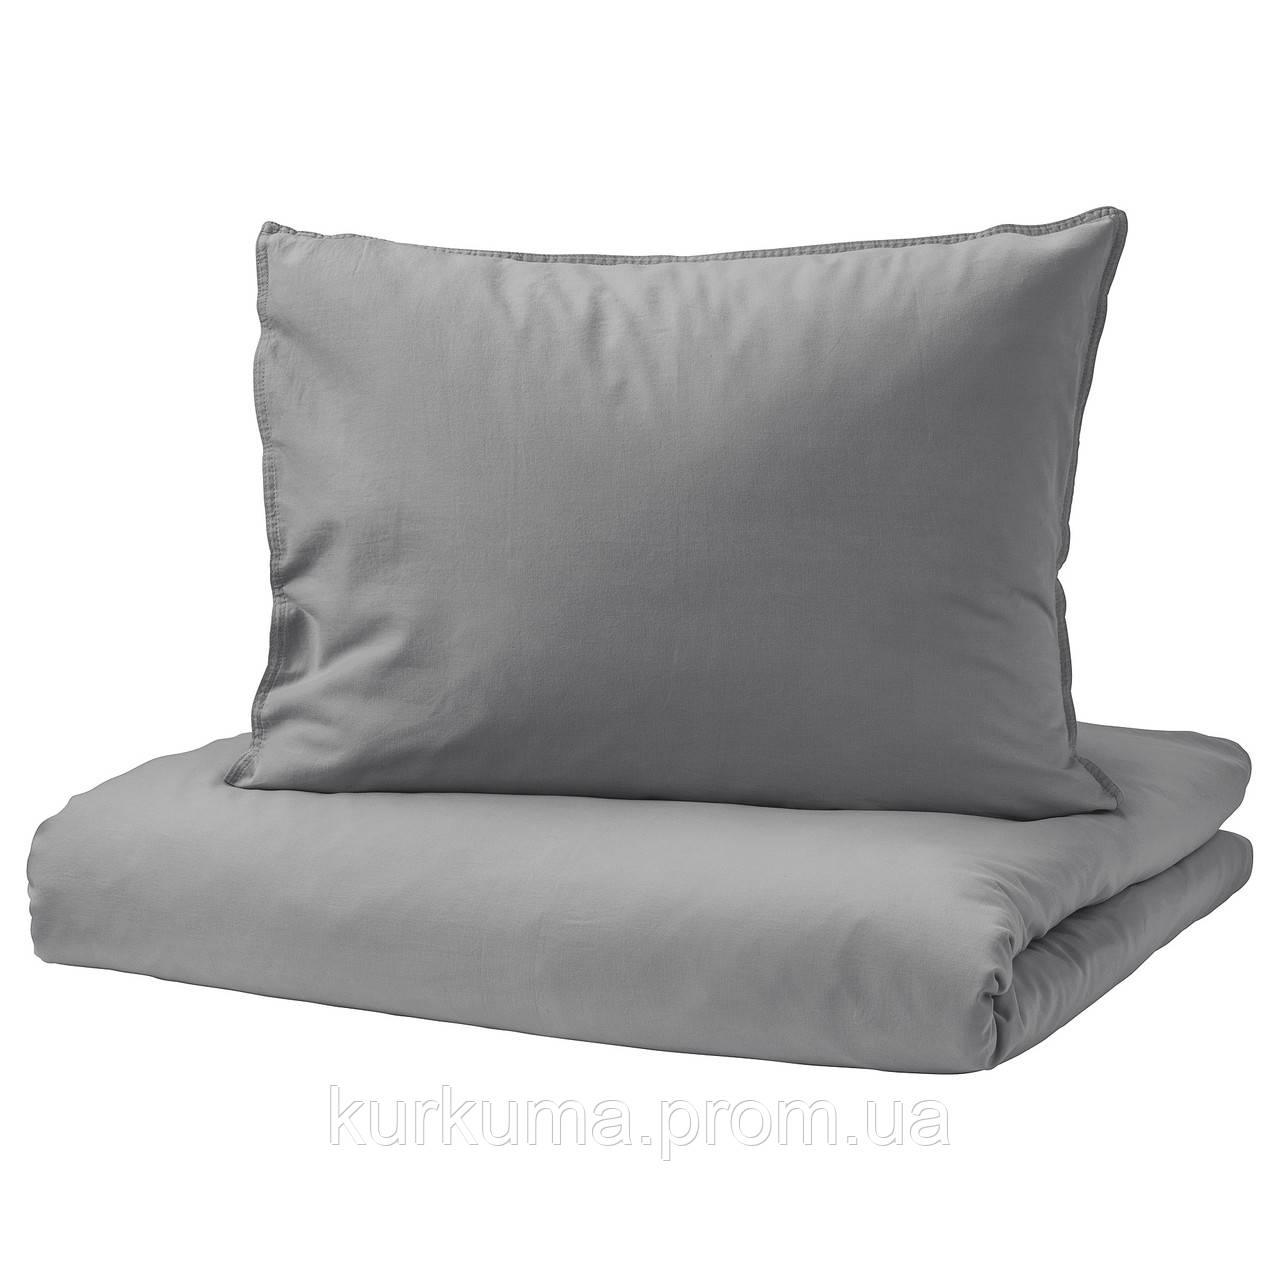 IKEA ANGSLILJA Комплект постельного белья, серый  (903.186.50)